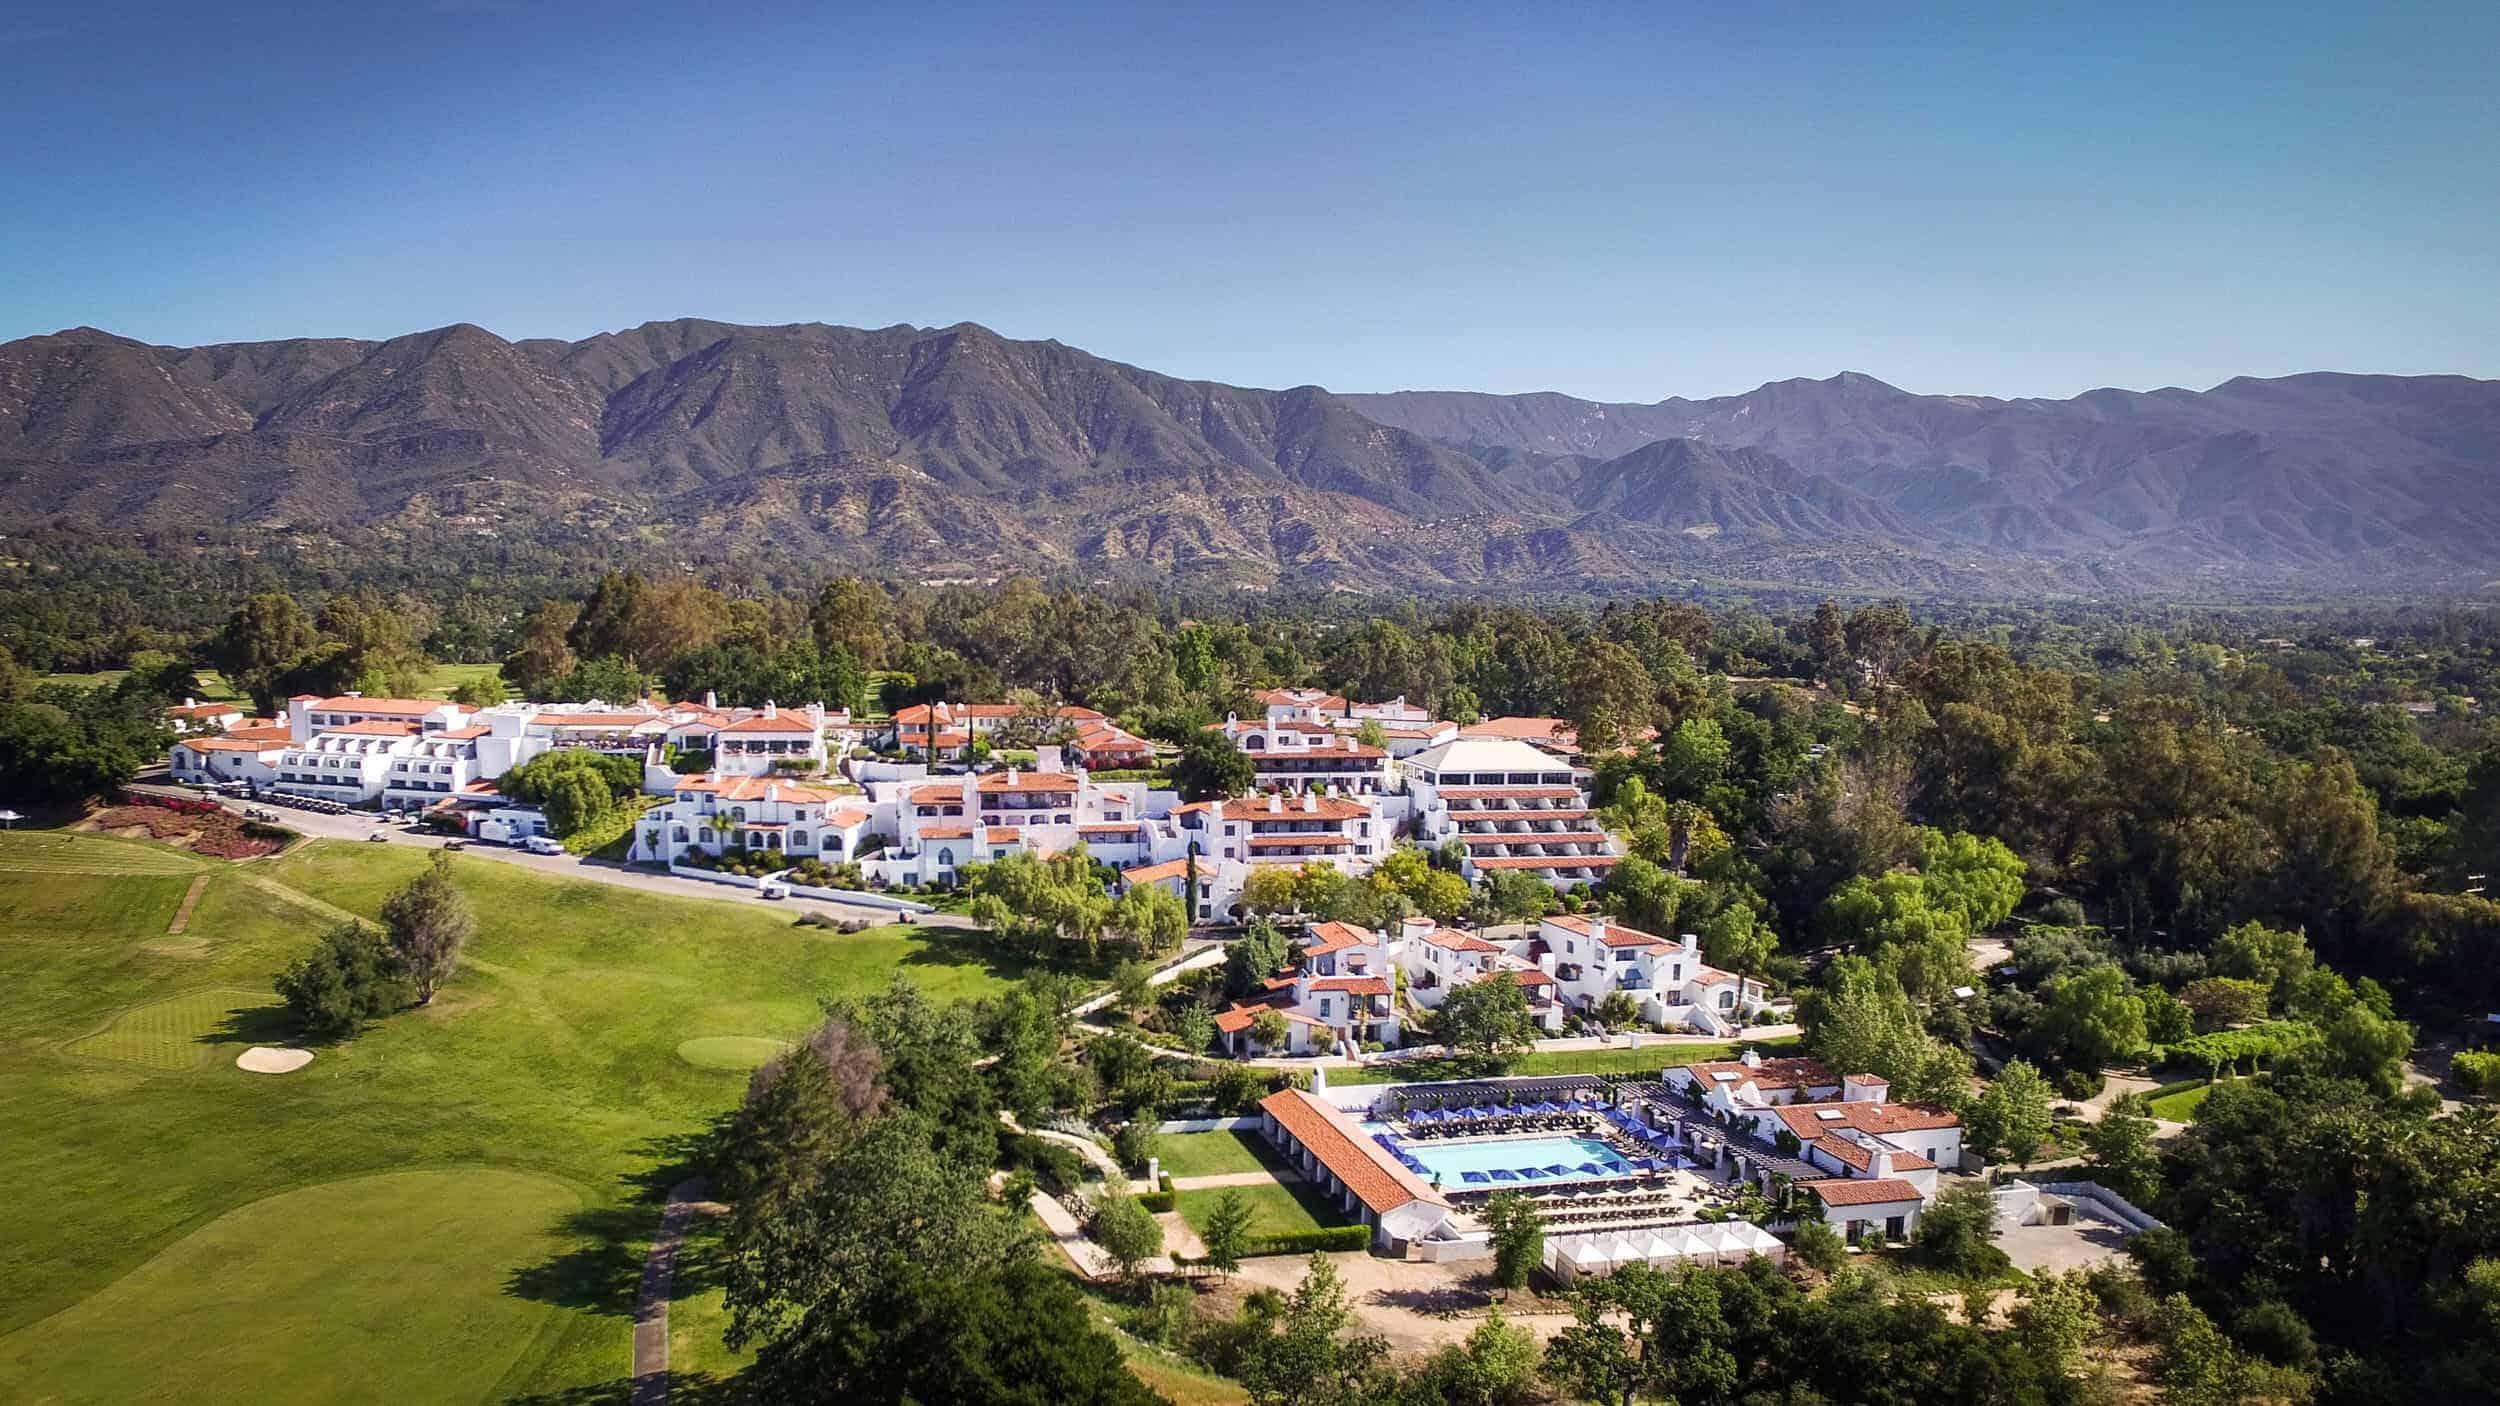 Ojai Valley Inn Resort